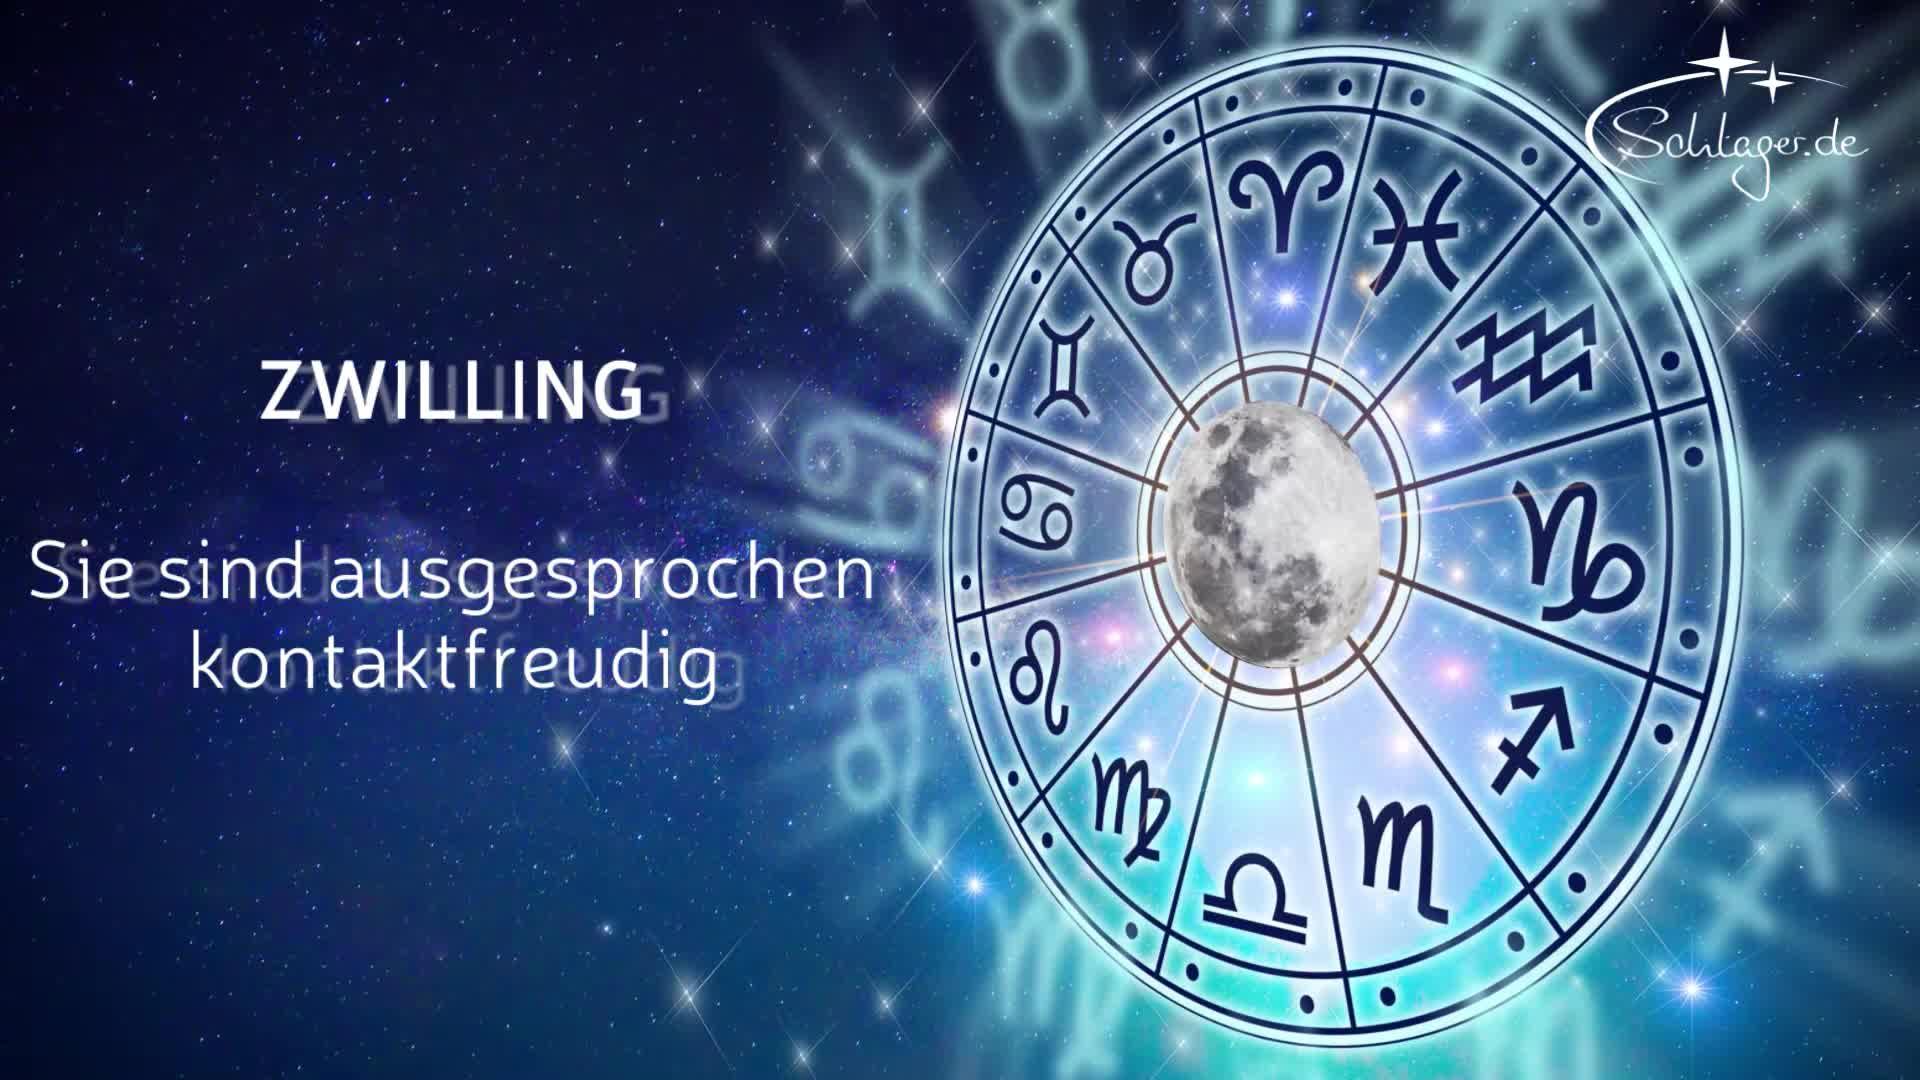 Web.De Horoskop Zwilling